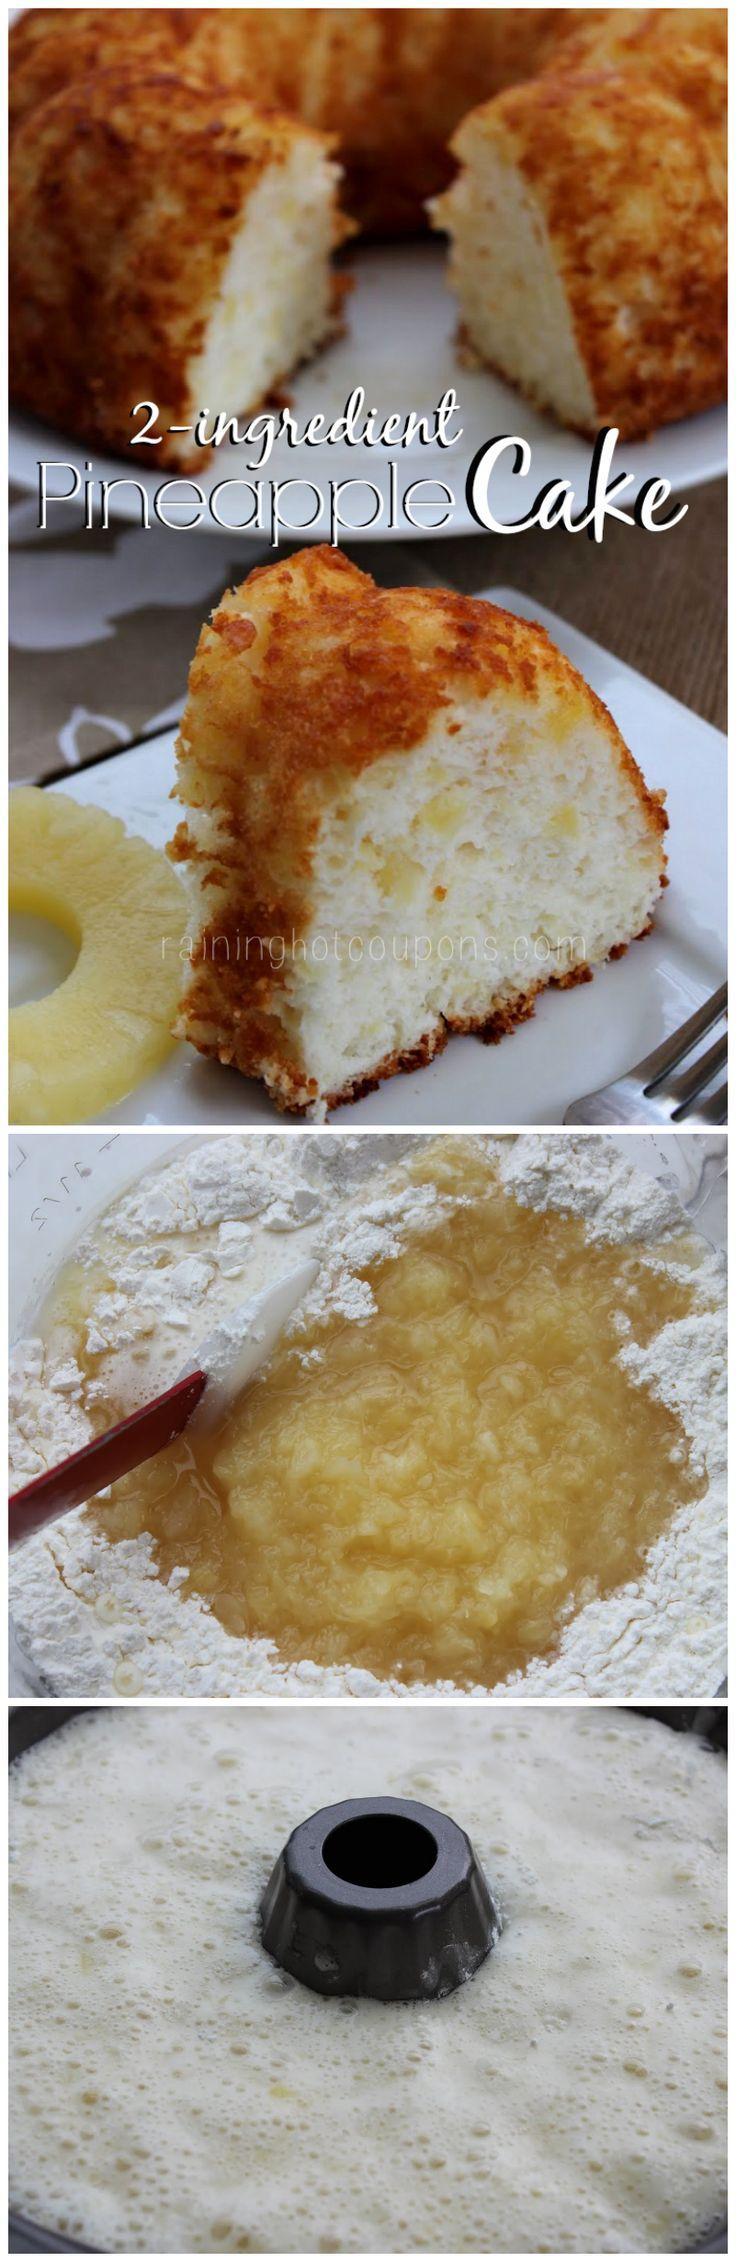 2- Ingredient Pineapple #Cake recipe